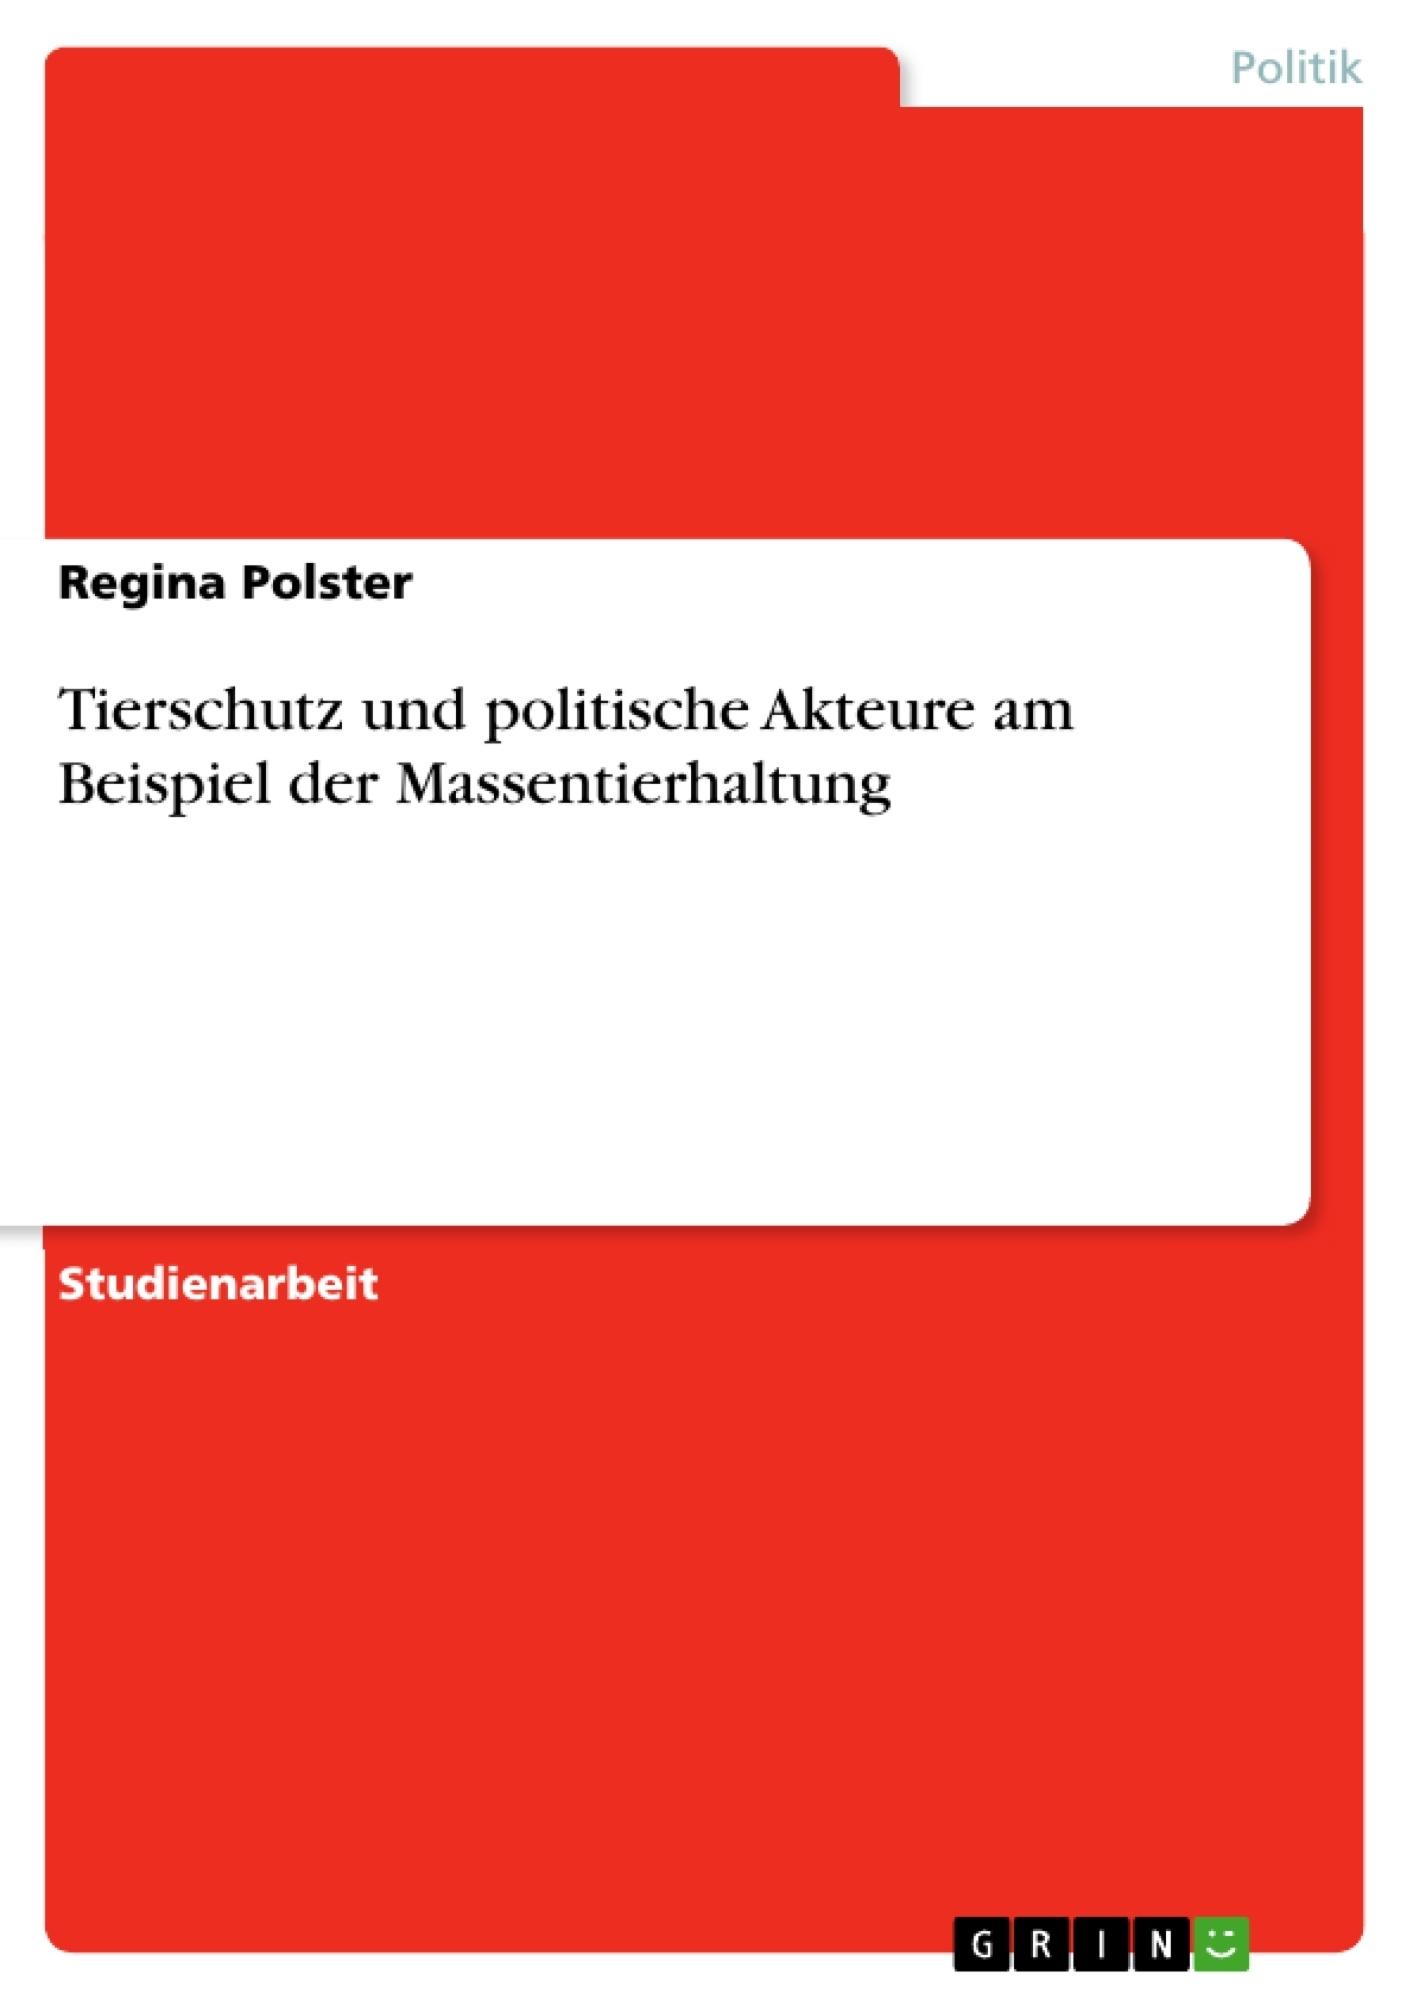 Titel: Tierschutz und politische Akteure am Beispiel der Massentierhaltung